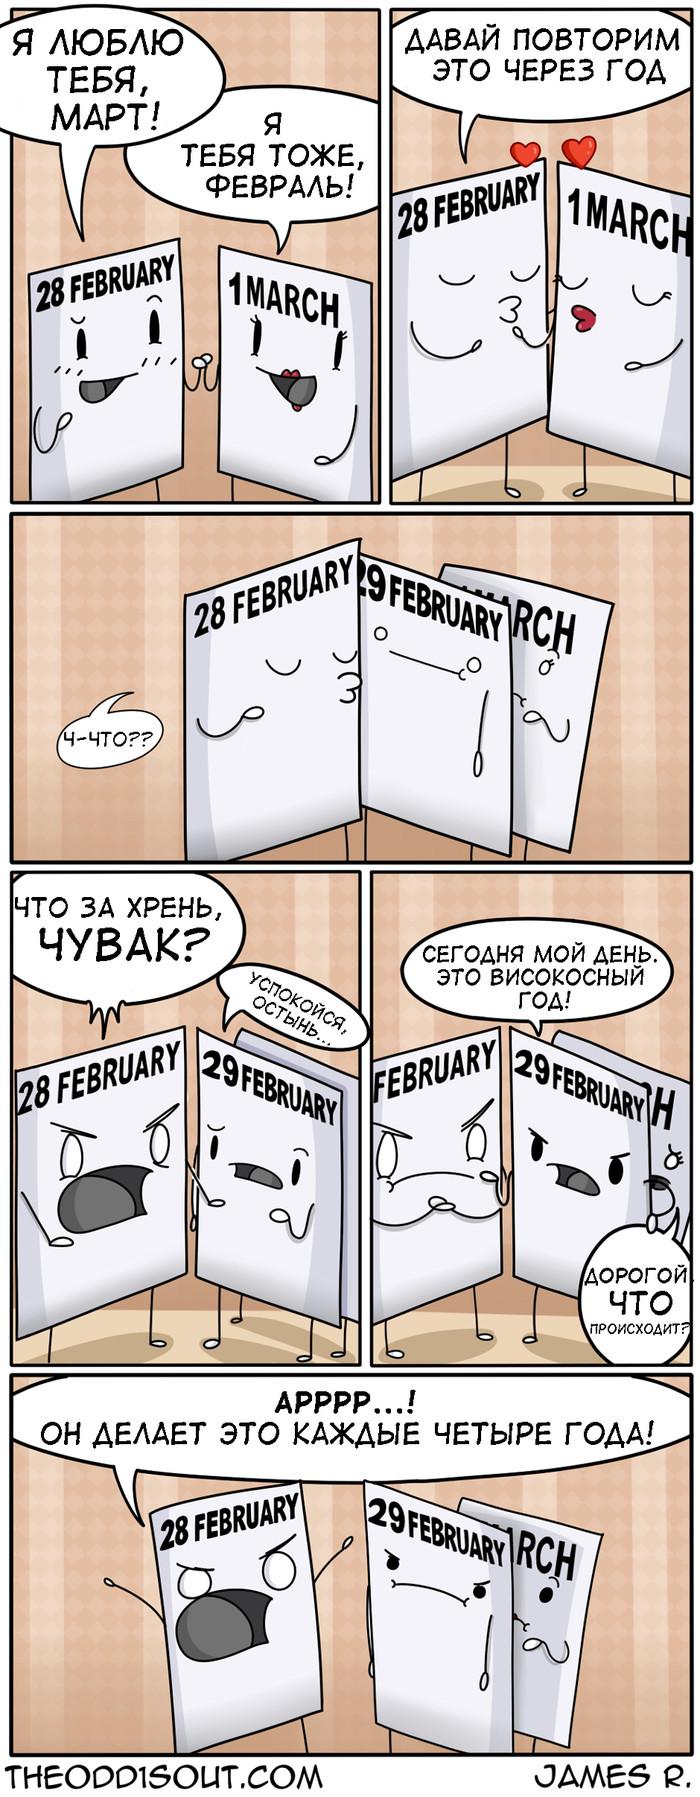 Несчастная любовь... Комиксы, Перевод, Перевел сам, Календарь, Високосный год, Любовь, Длиннопост